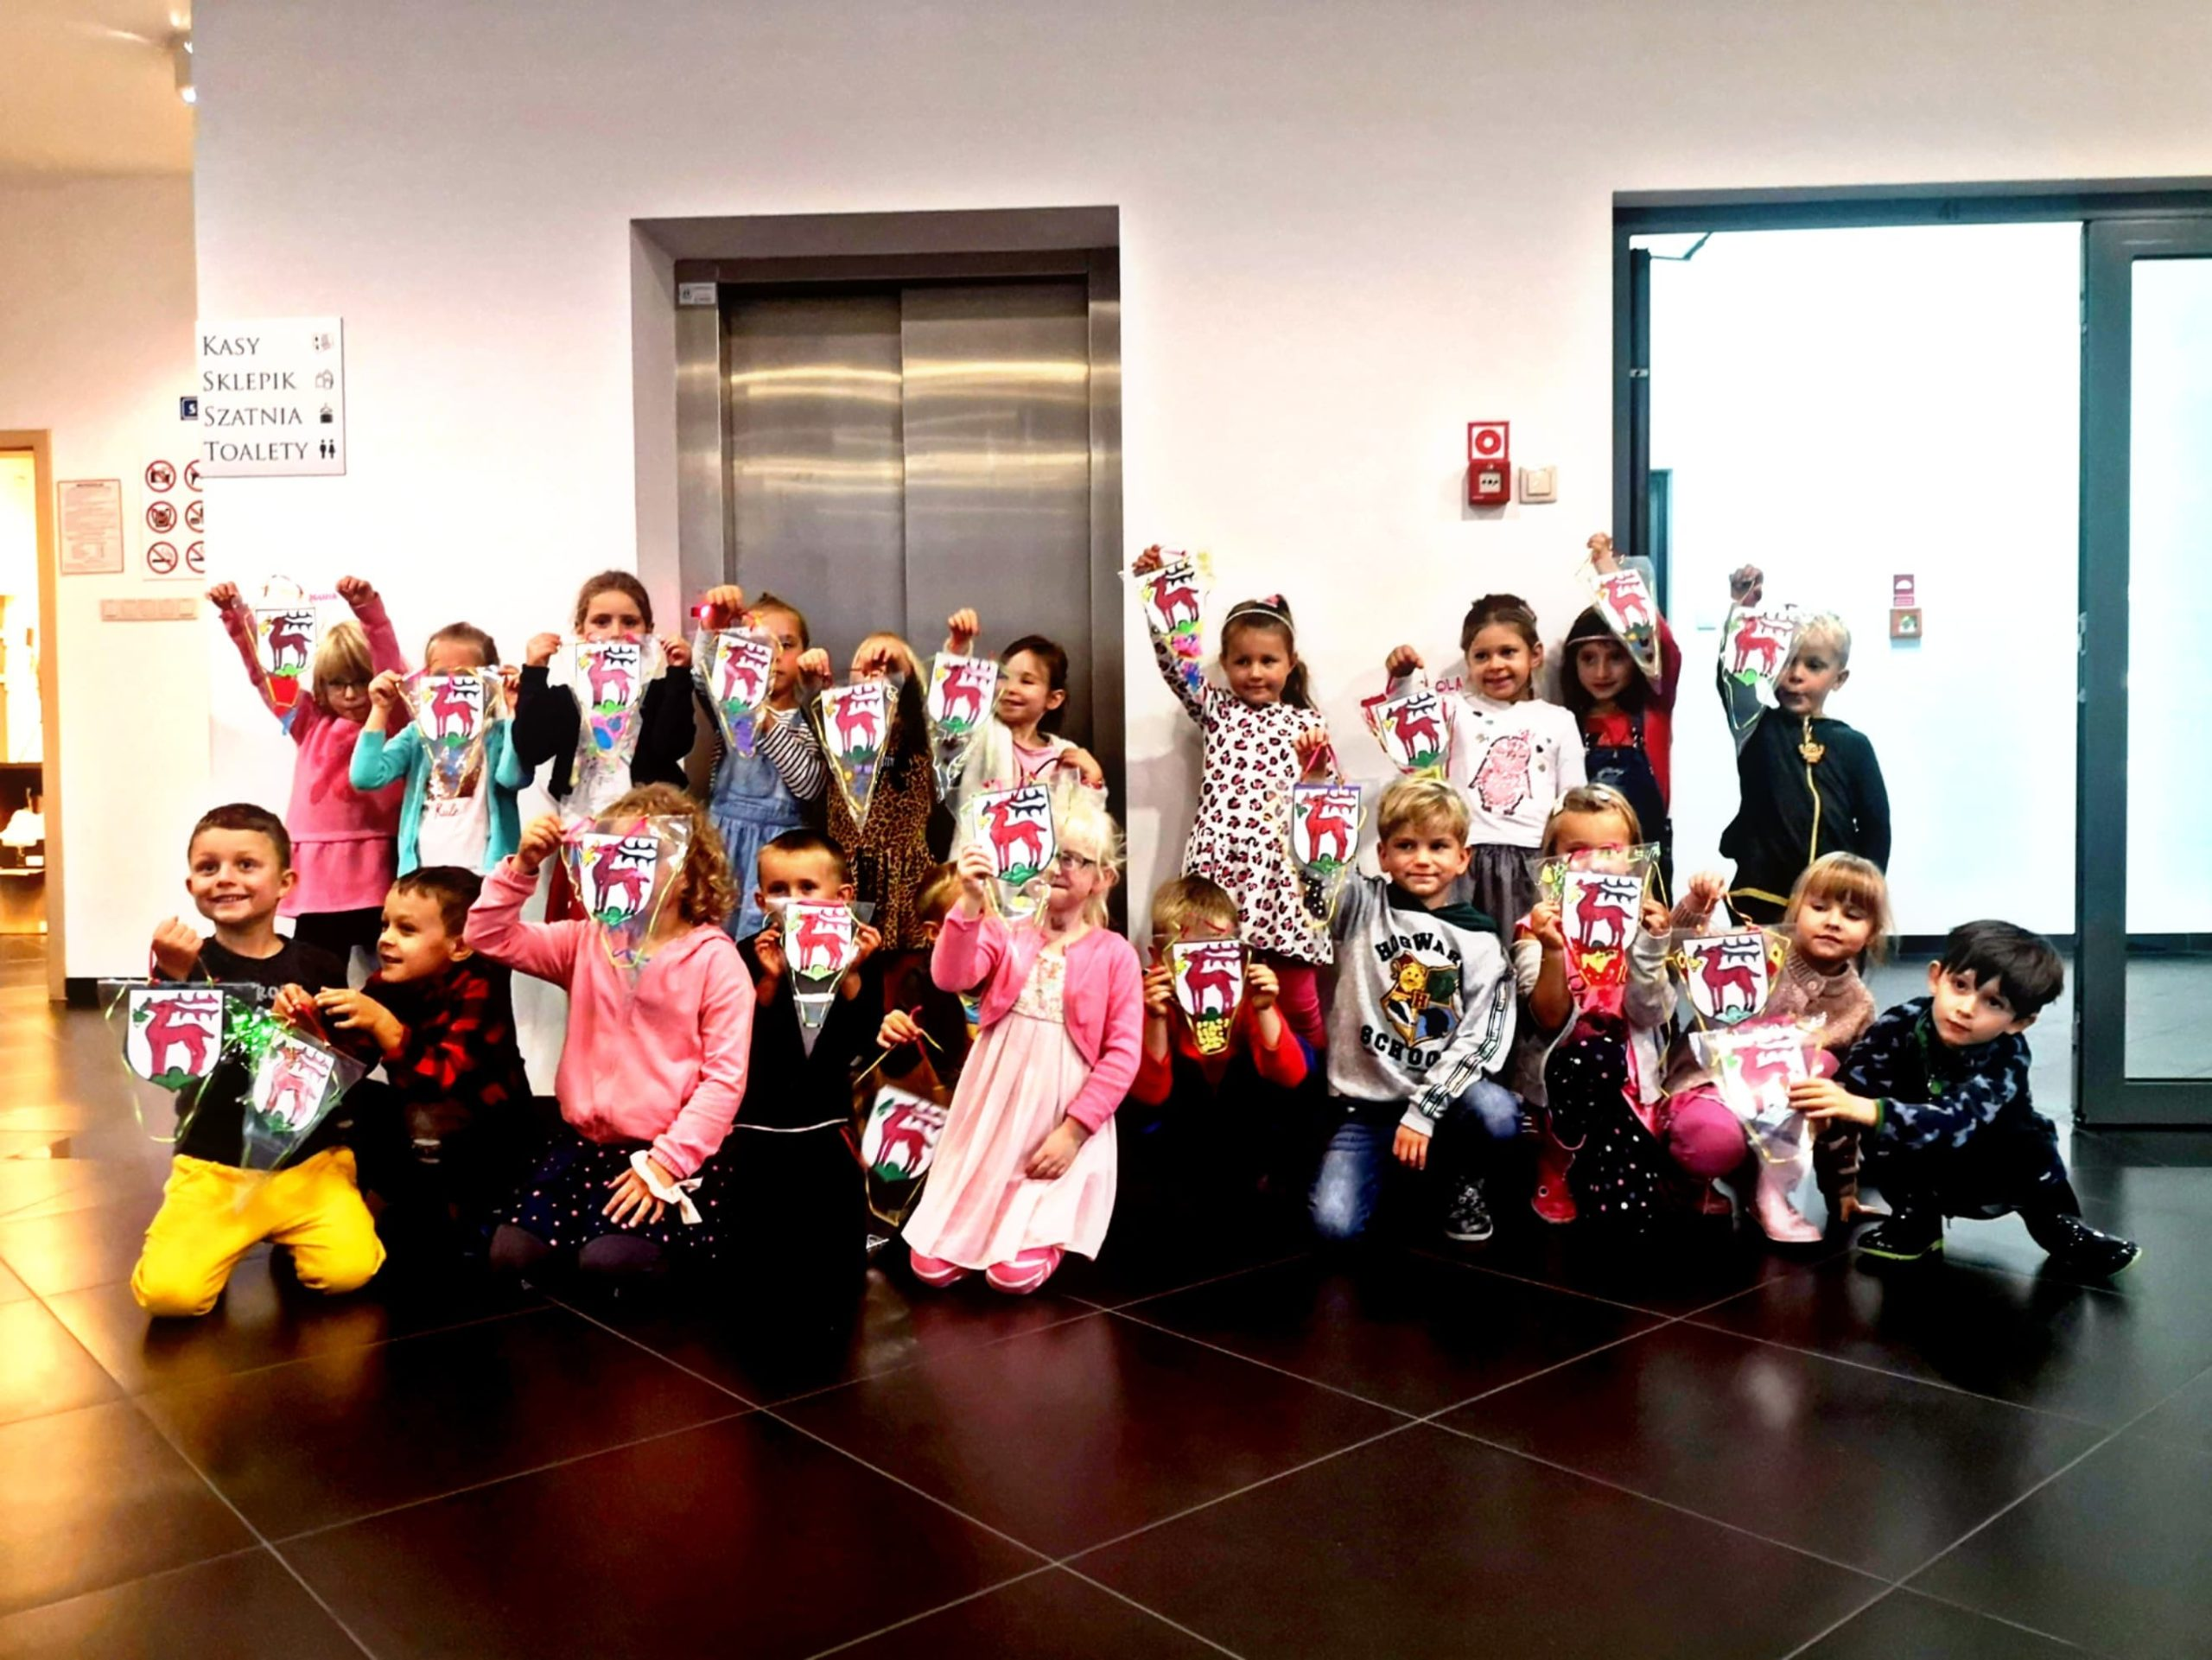 Na zdjęciu dzieci z jeleniogórskiego przedszkola pozują z wykonanymi wlasnoręcznie proporczykami herbu miasta